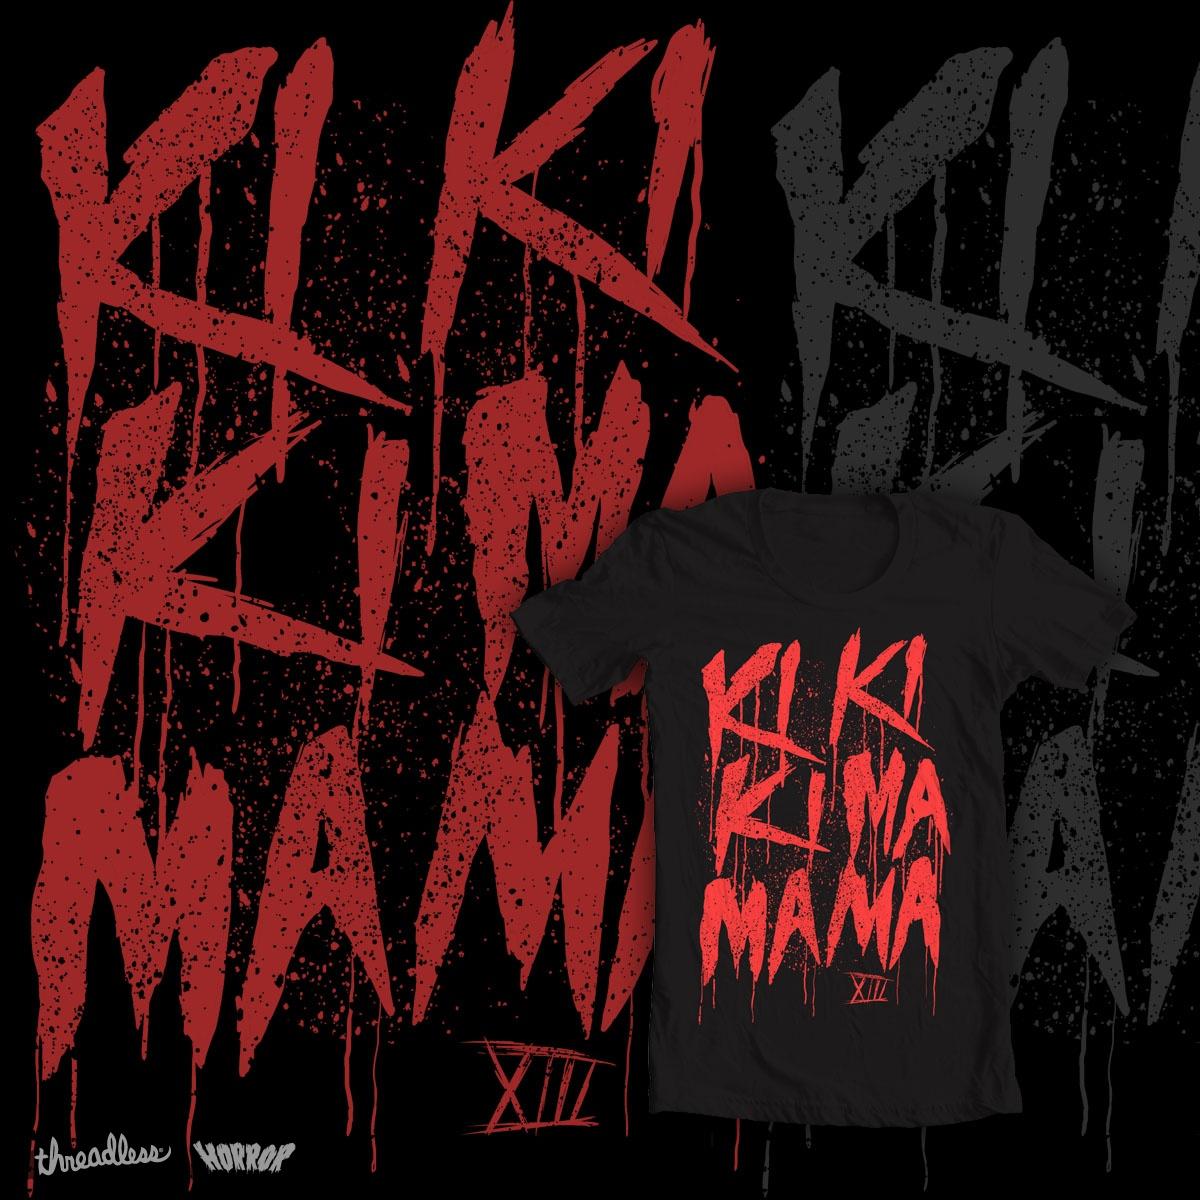 Ki Ki Ki Ma Ma Ma by cabooth on Threadless